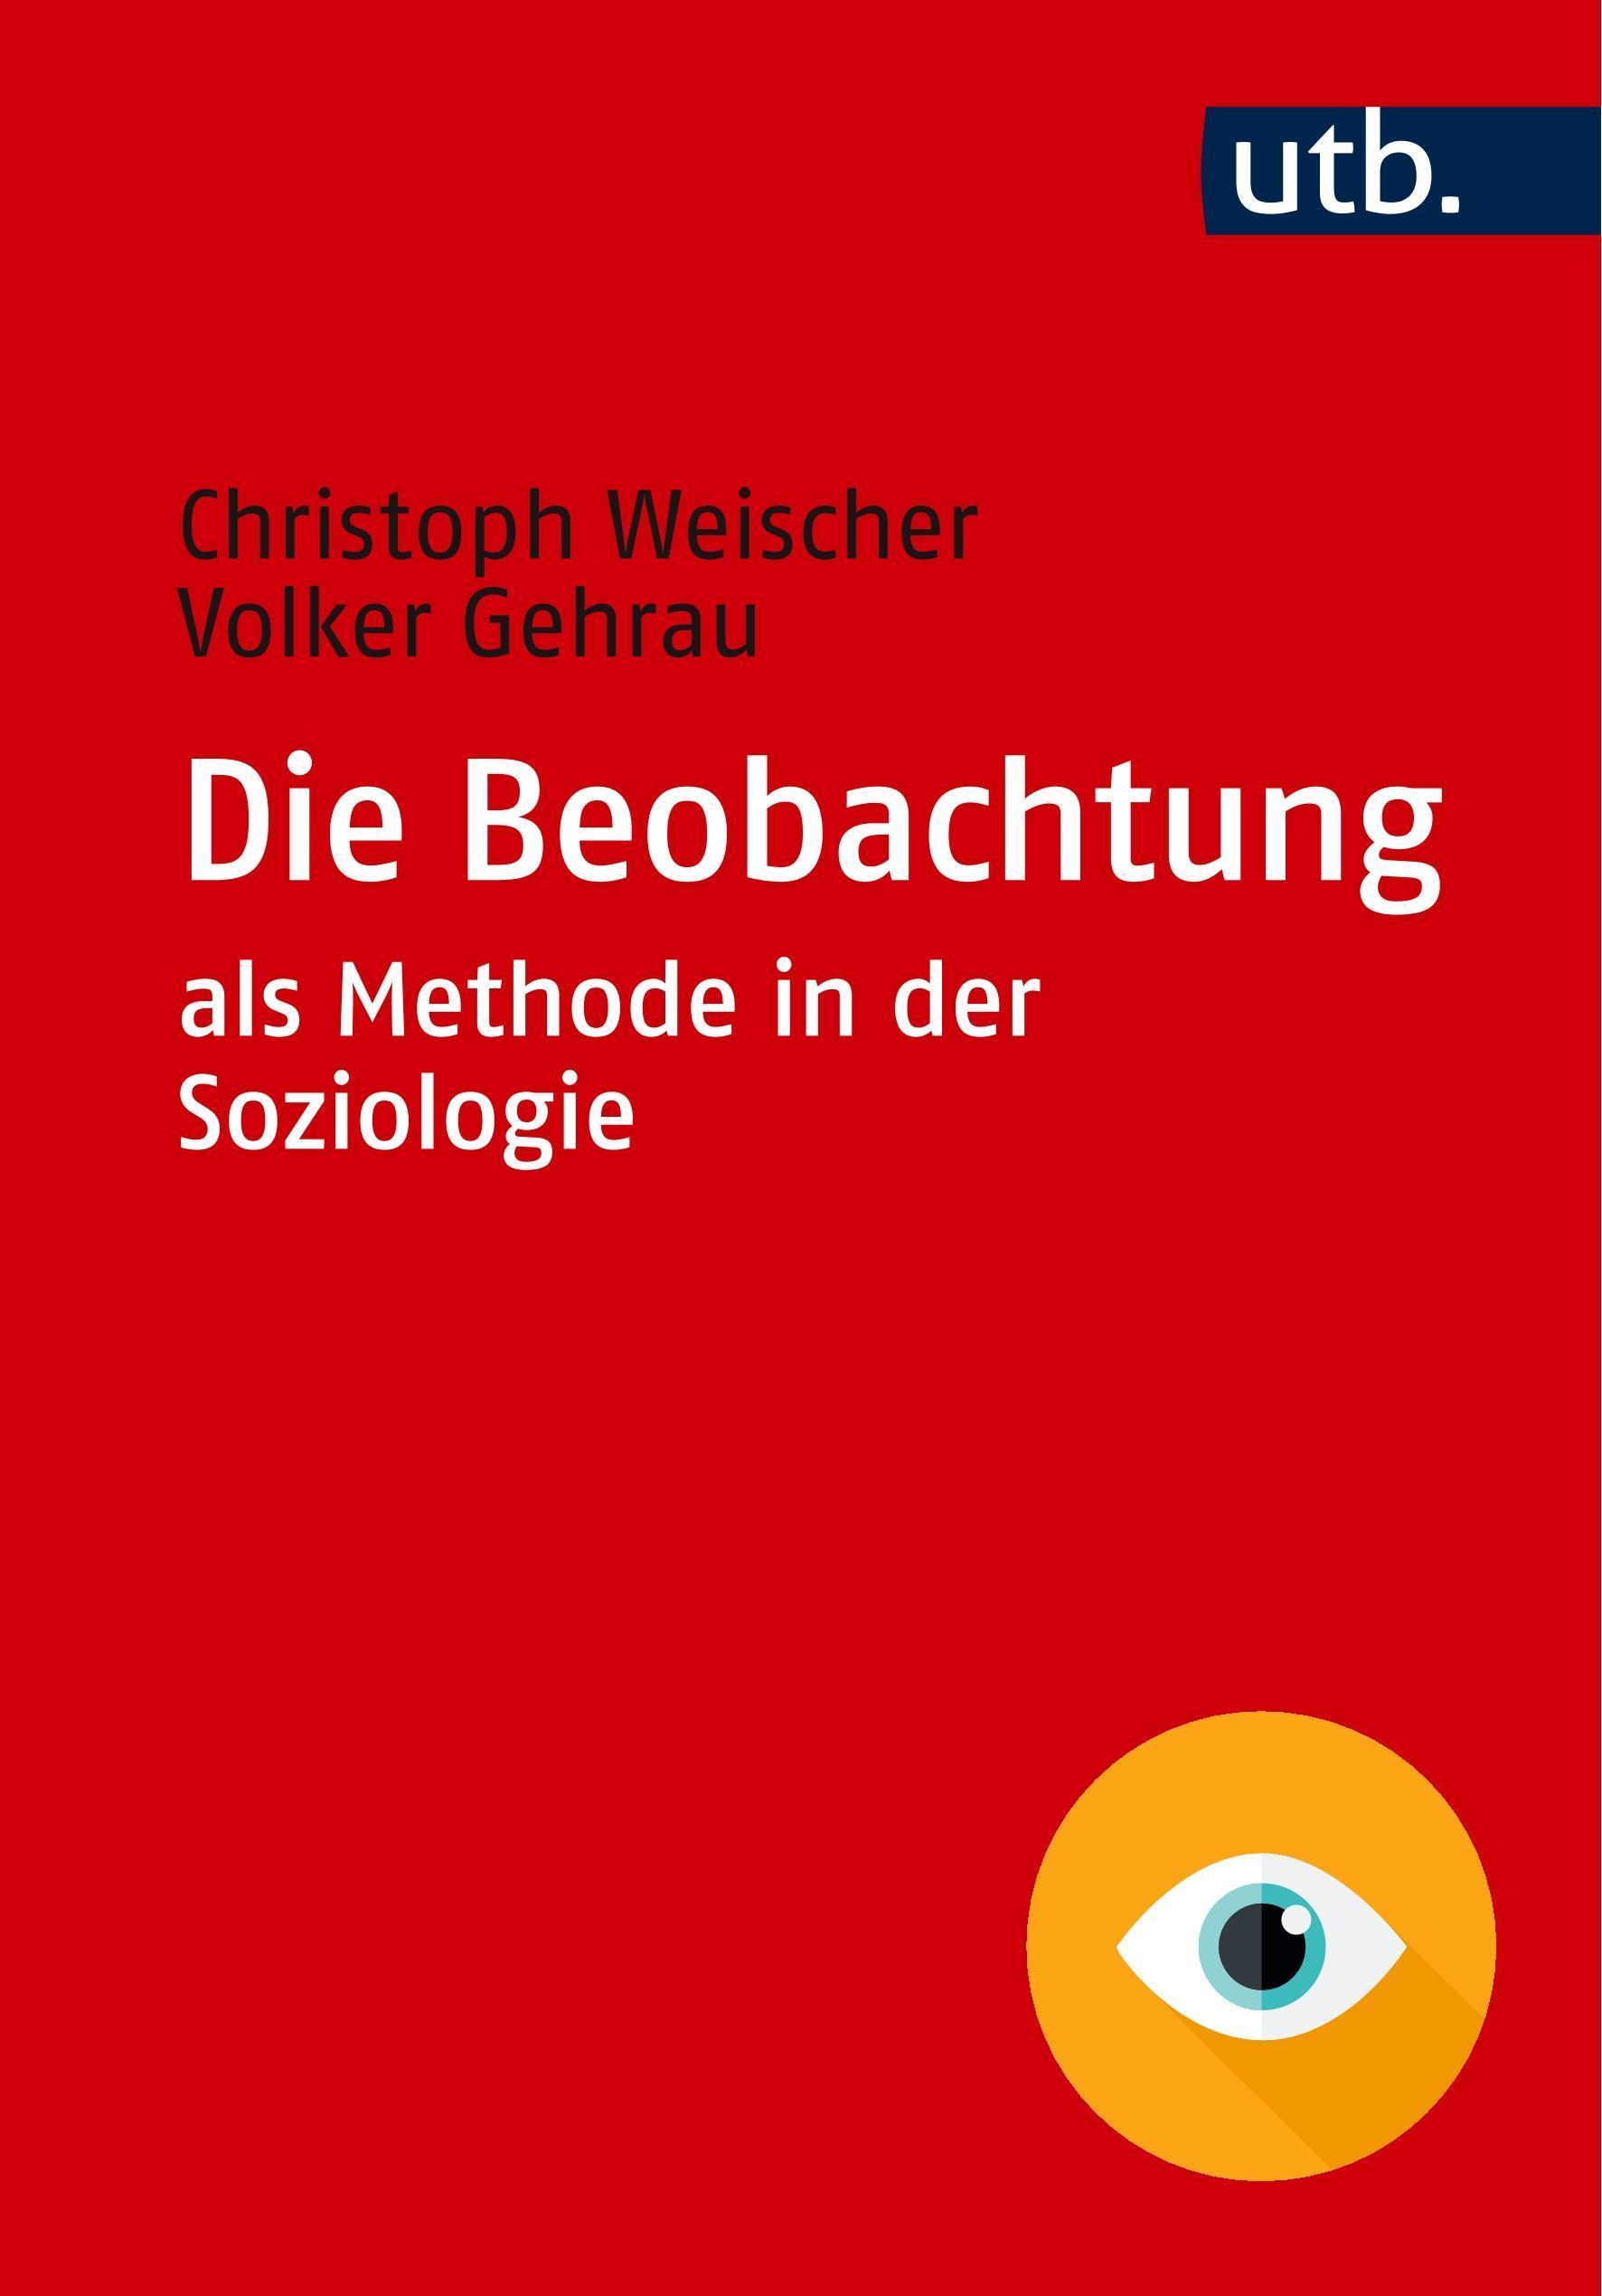 Christoph-Weischer-Die-Beobachtung-als-Methode-in-der-Sozi-9783825248666